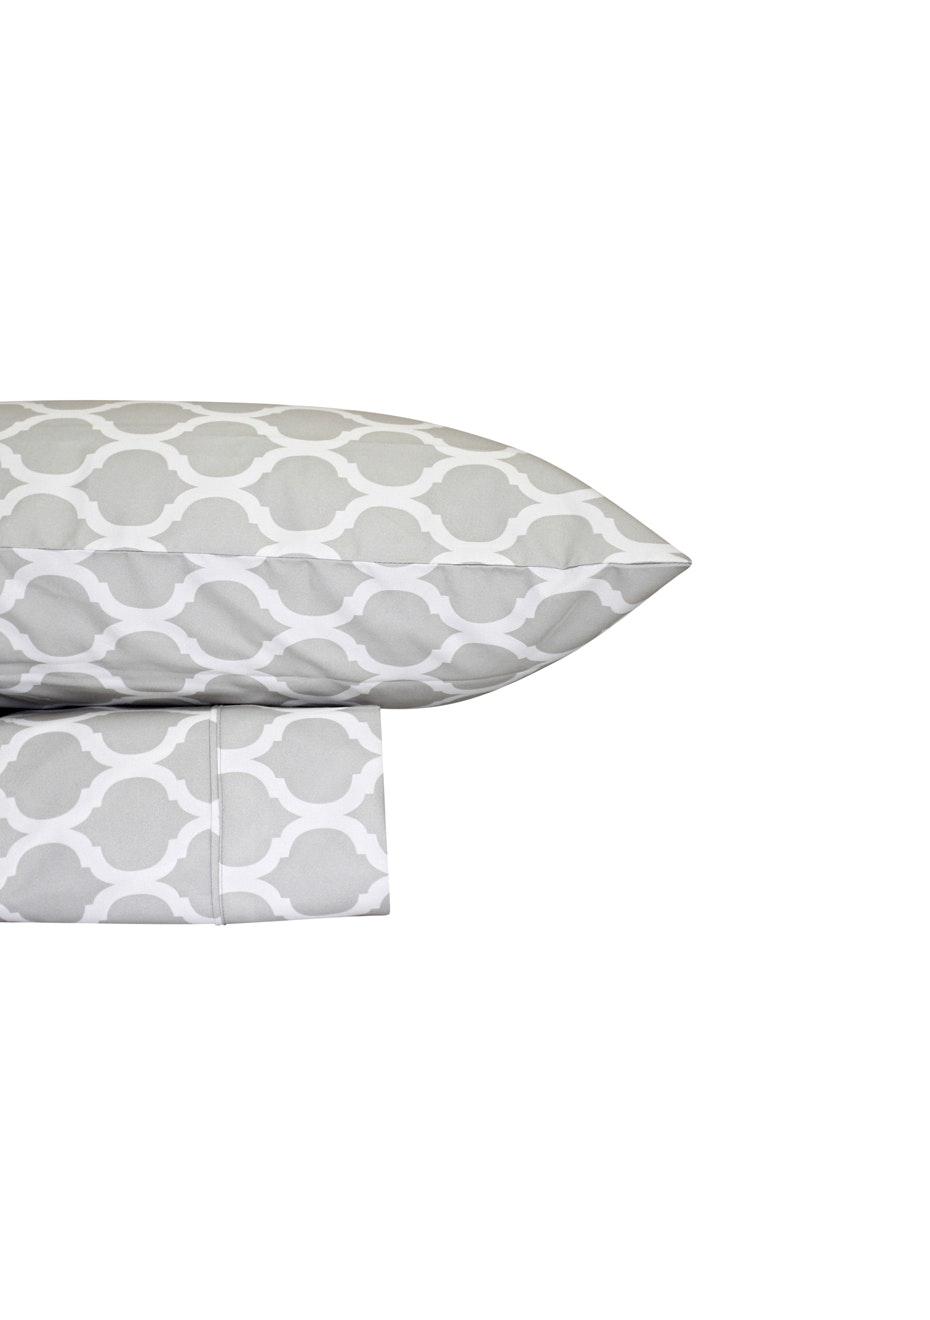 Thermal Flannel Sheet Sets - Morocco Design - Glacier - Single Bed